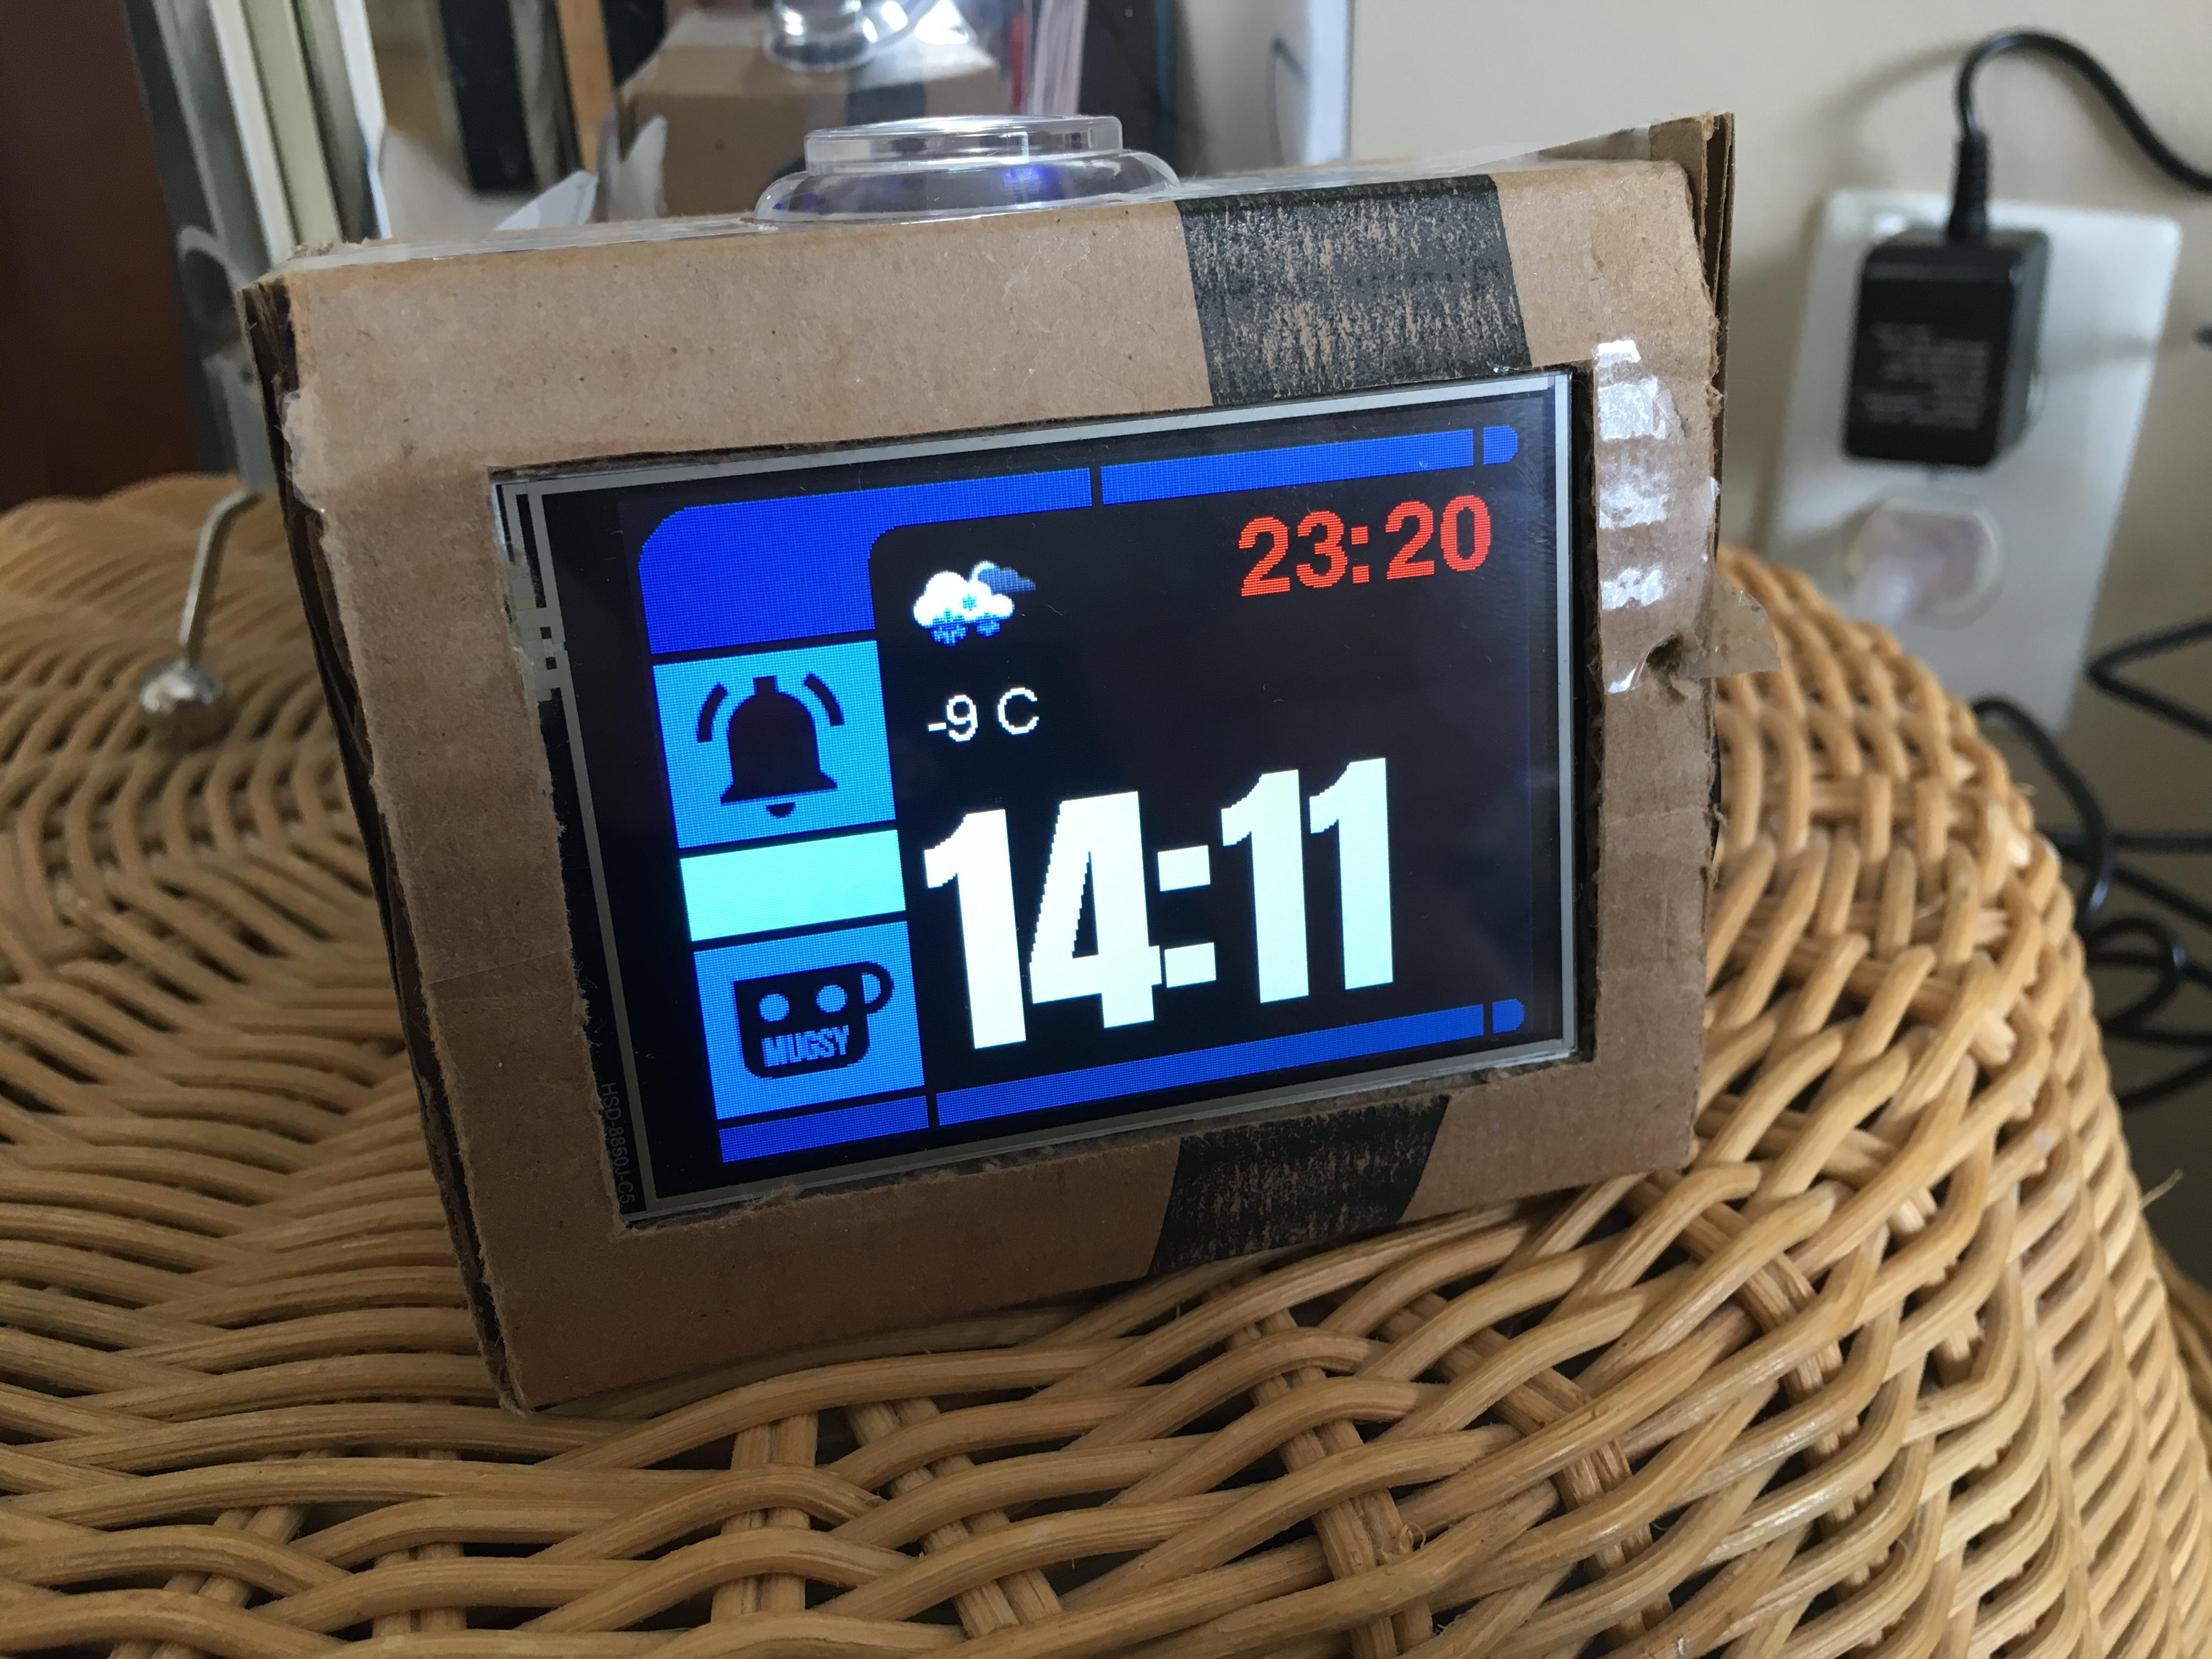 internet_of_things___iot_prototype_on_nightstand.jpg